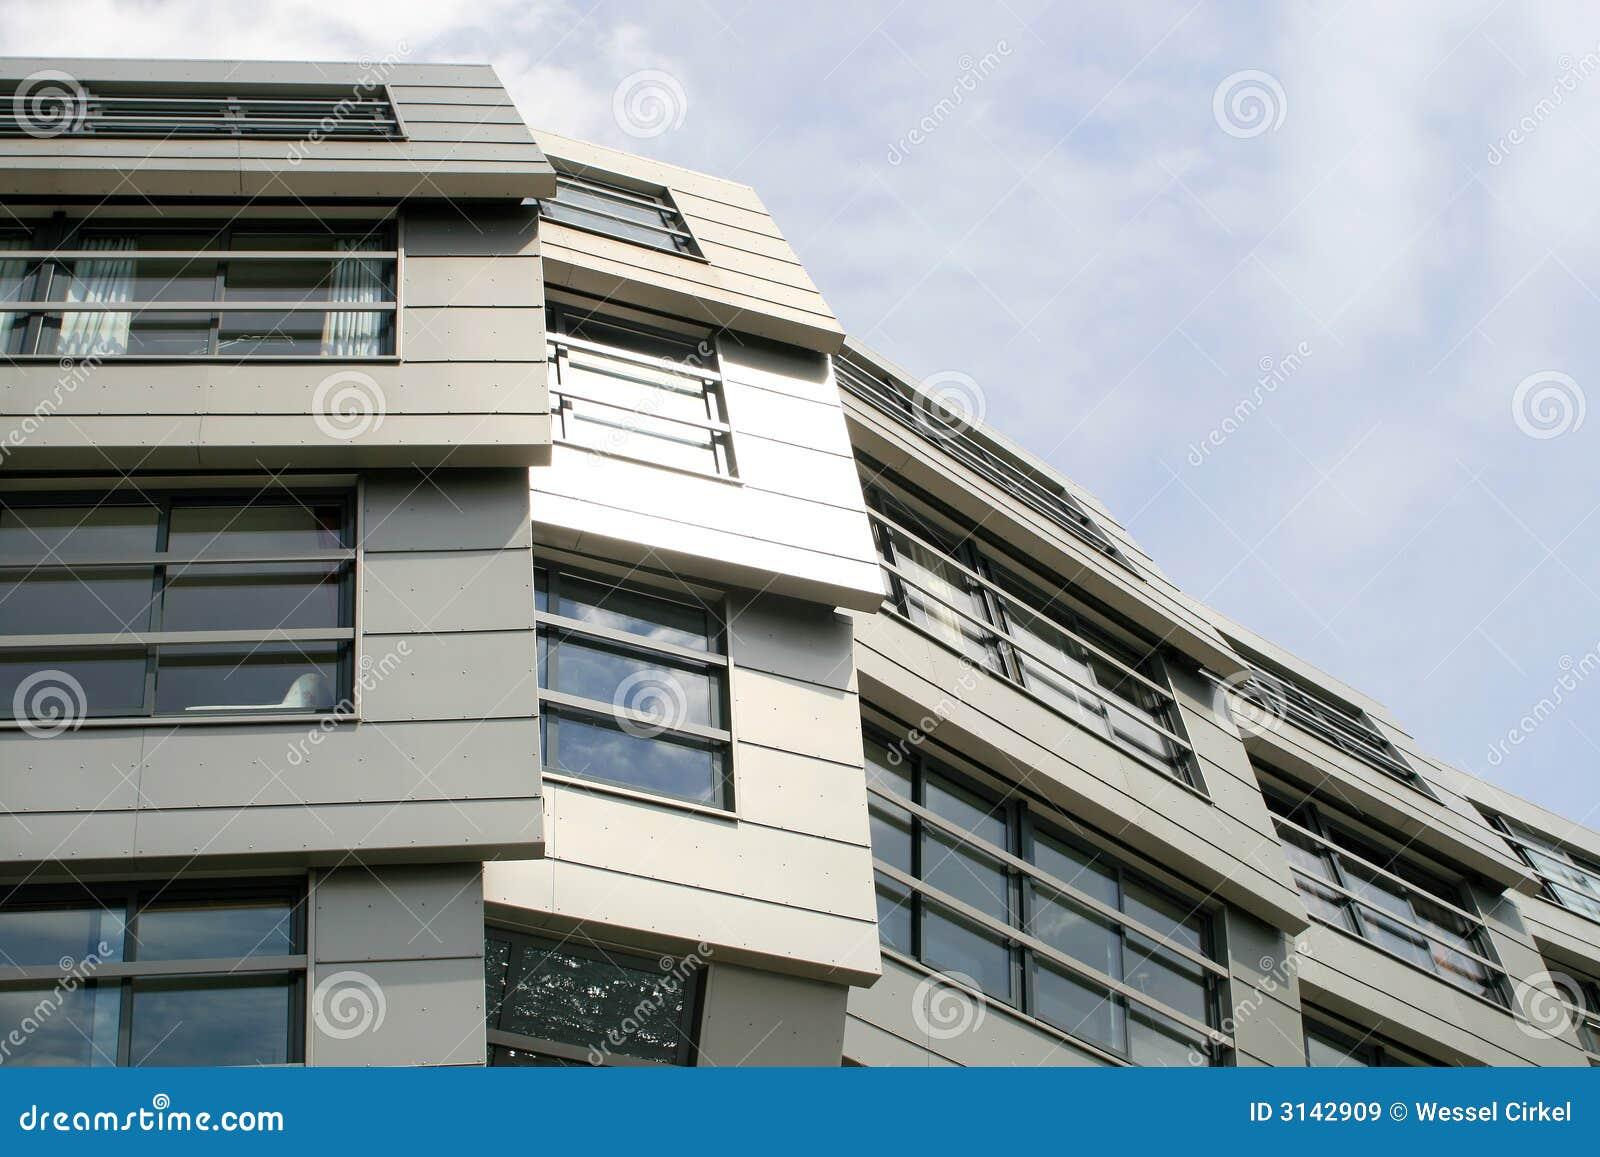 Appartamenti moderni in almere immagine stock immagine for Foto appartamenti moderni